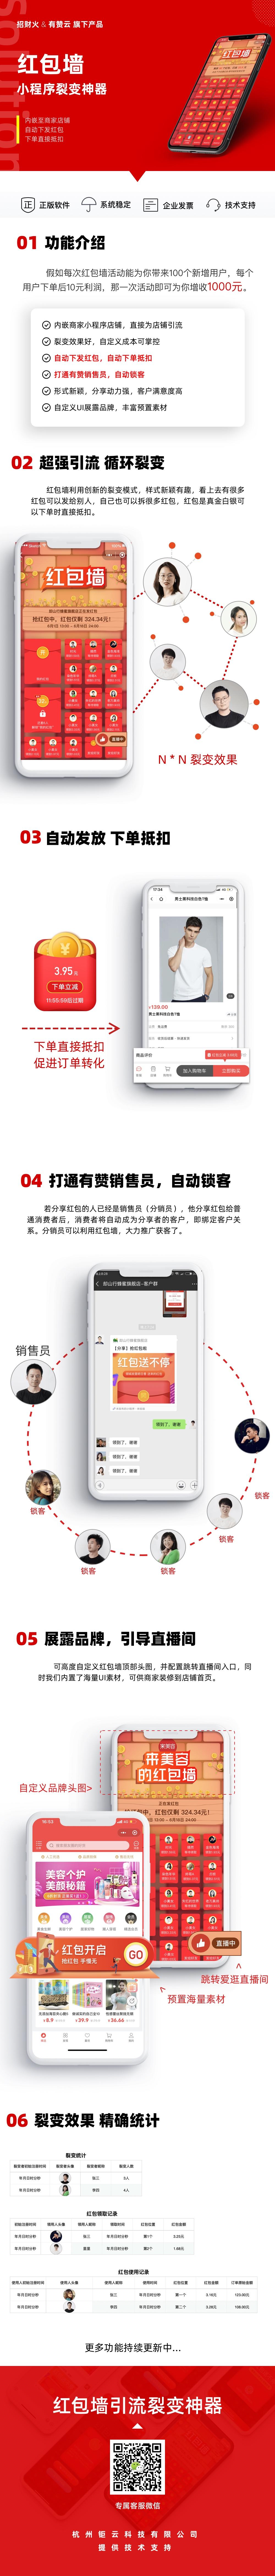 全新红包墙-内嵌介绍.jpg